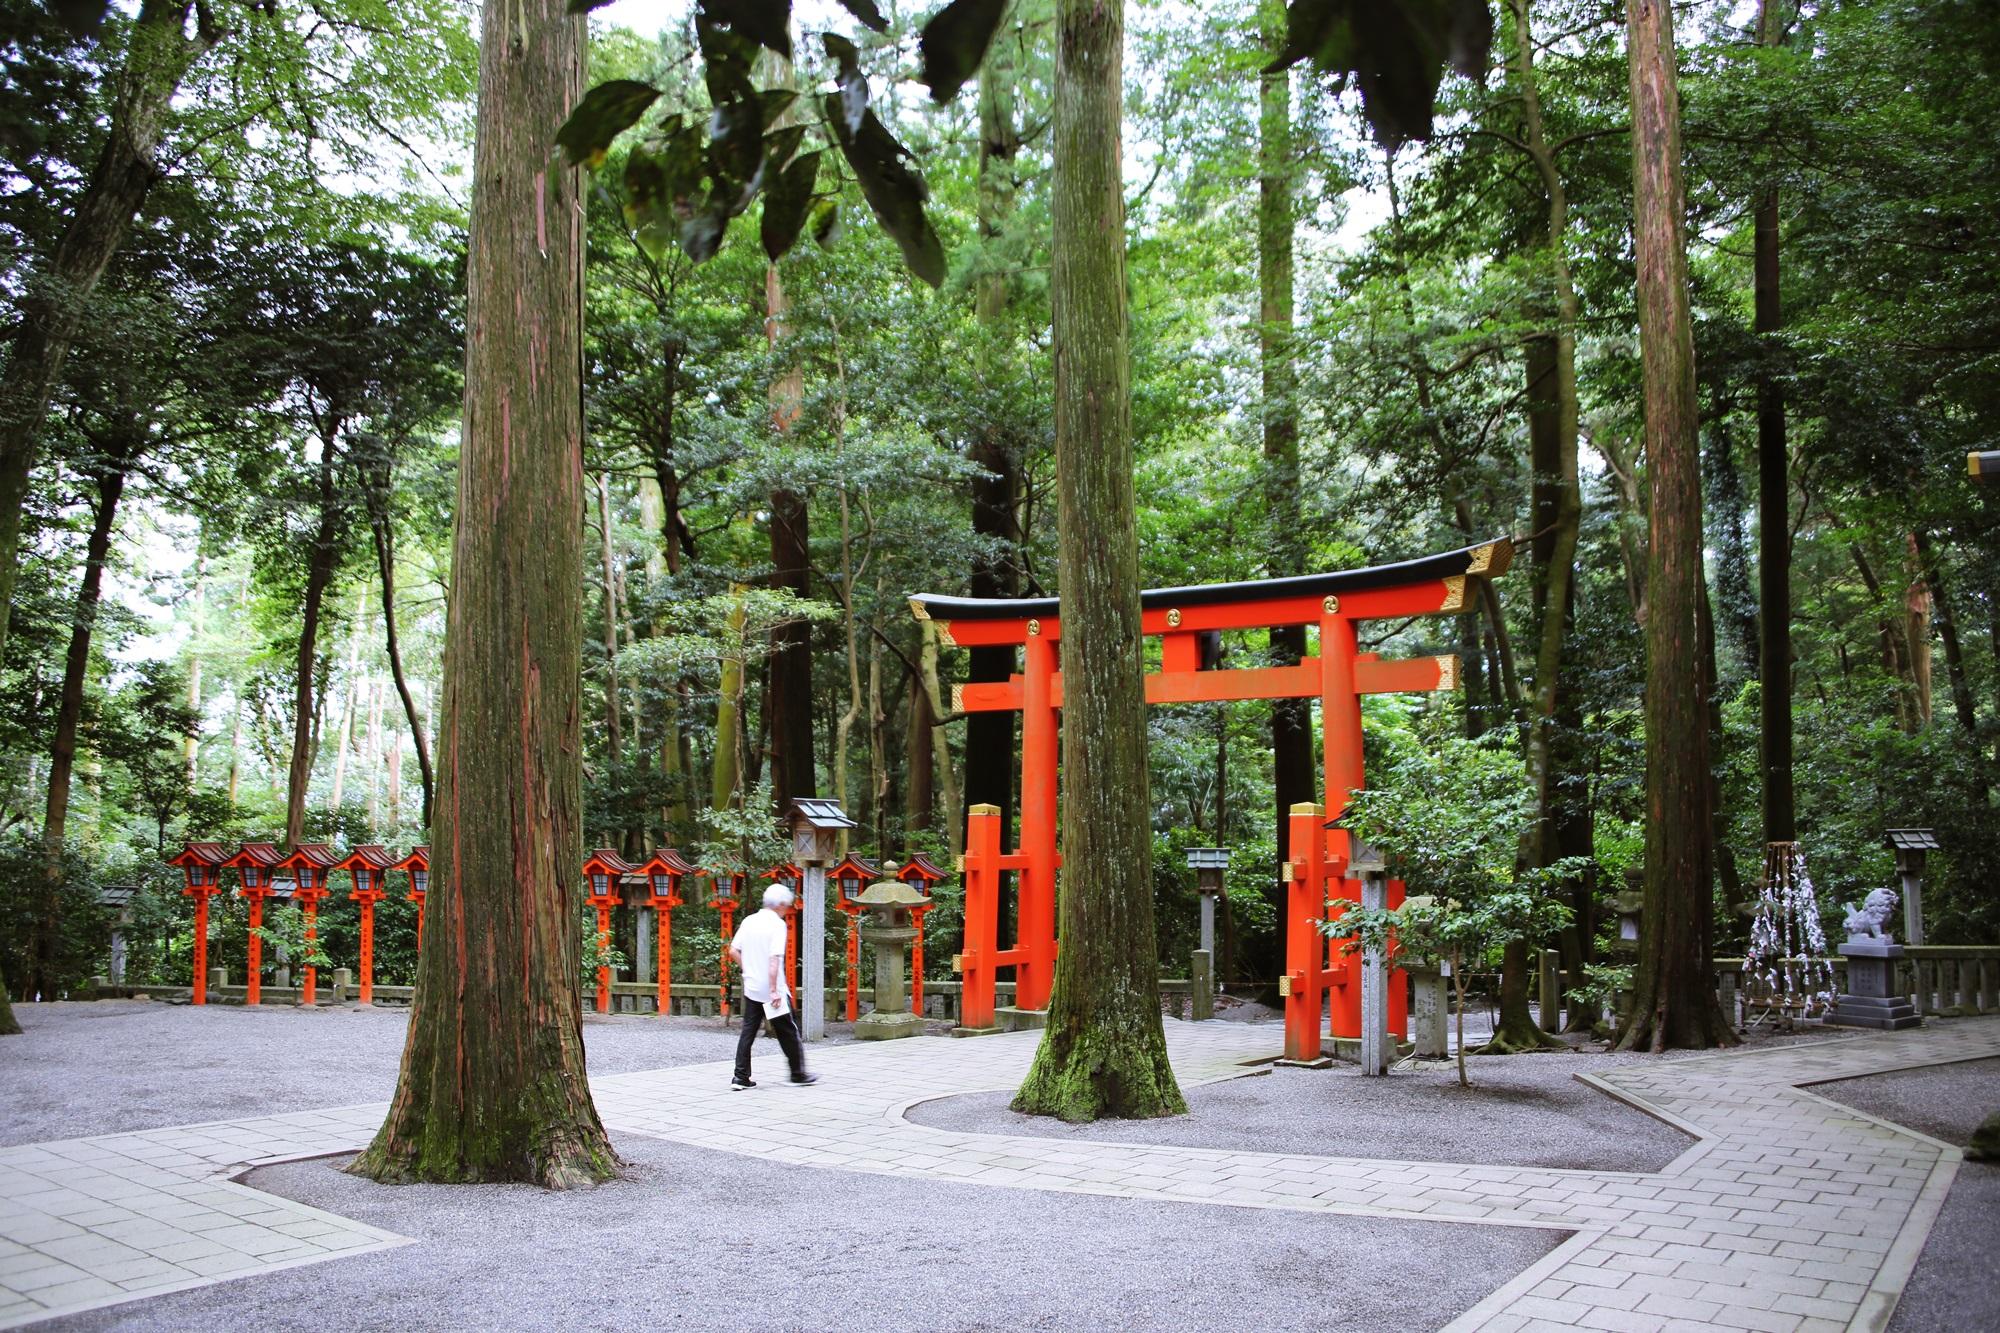 椿大神社 (つばきおおかみやしろ) tsubakiookamiyashiro (10)